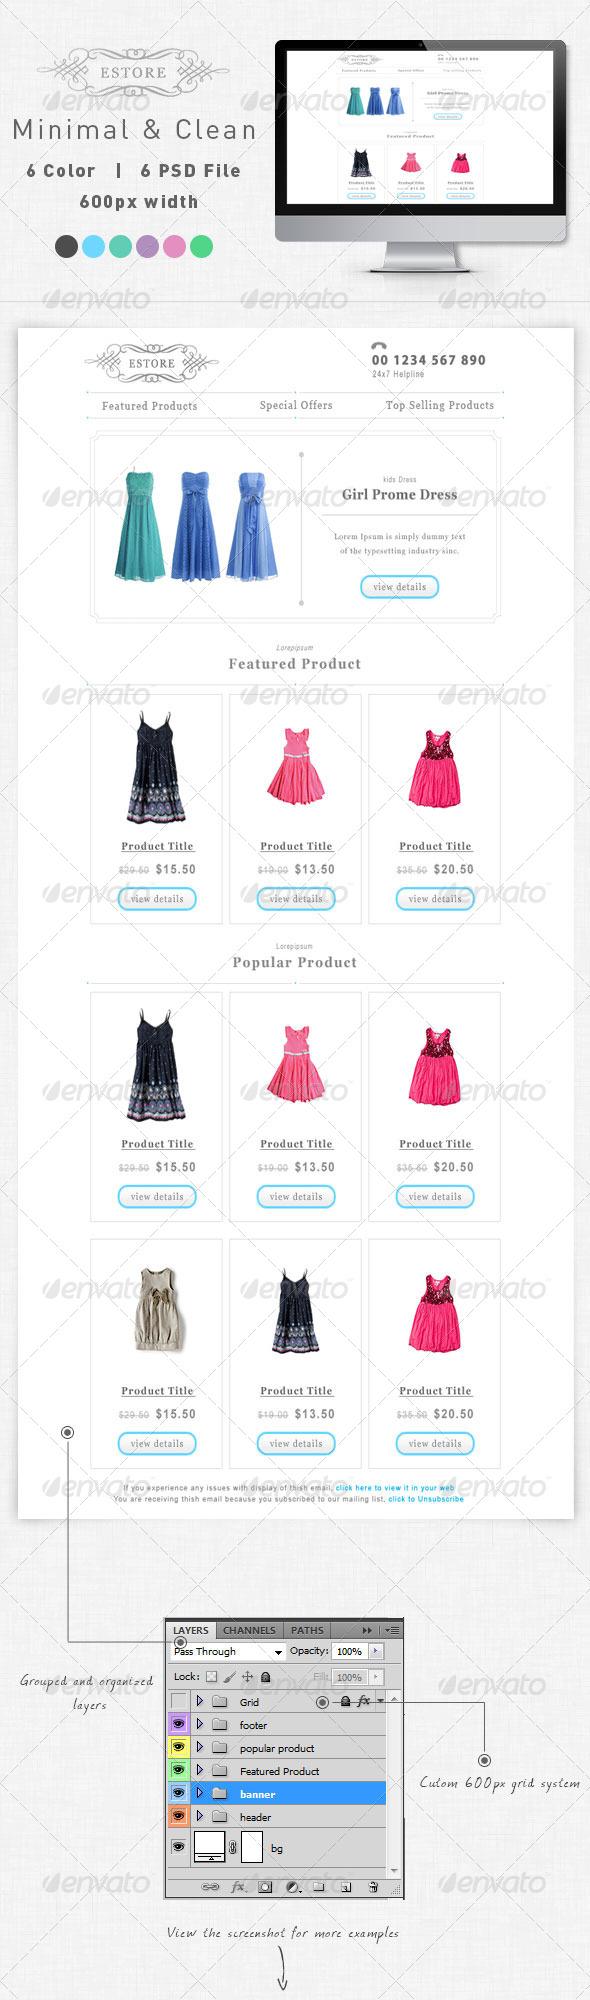 E-commerce Email Newsletter